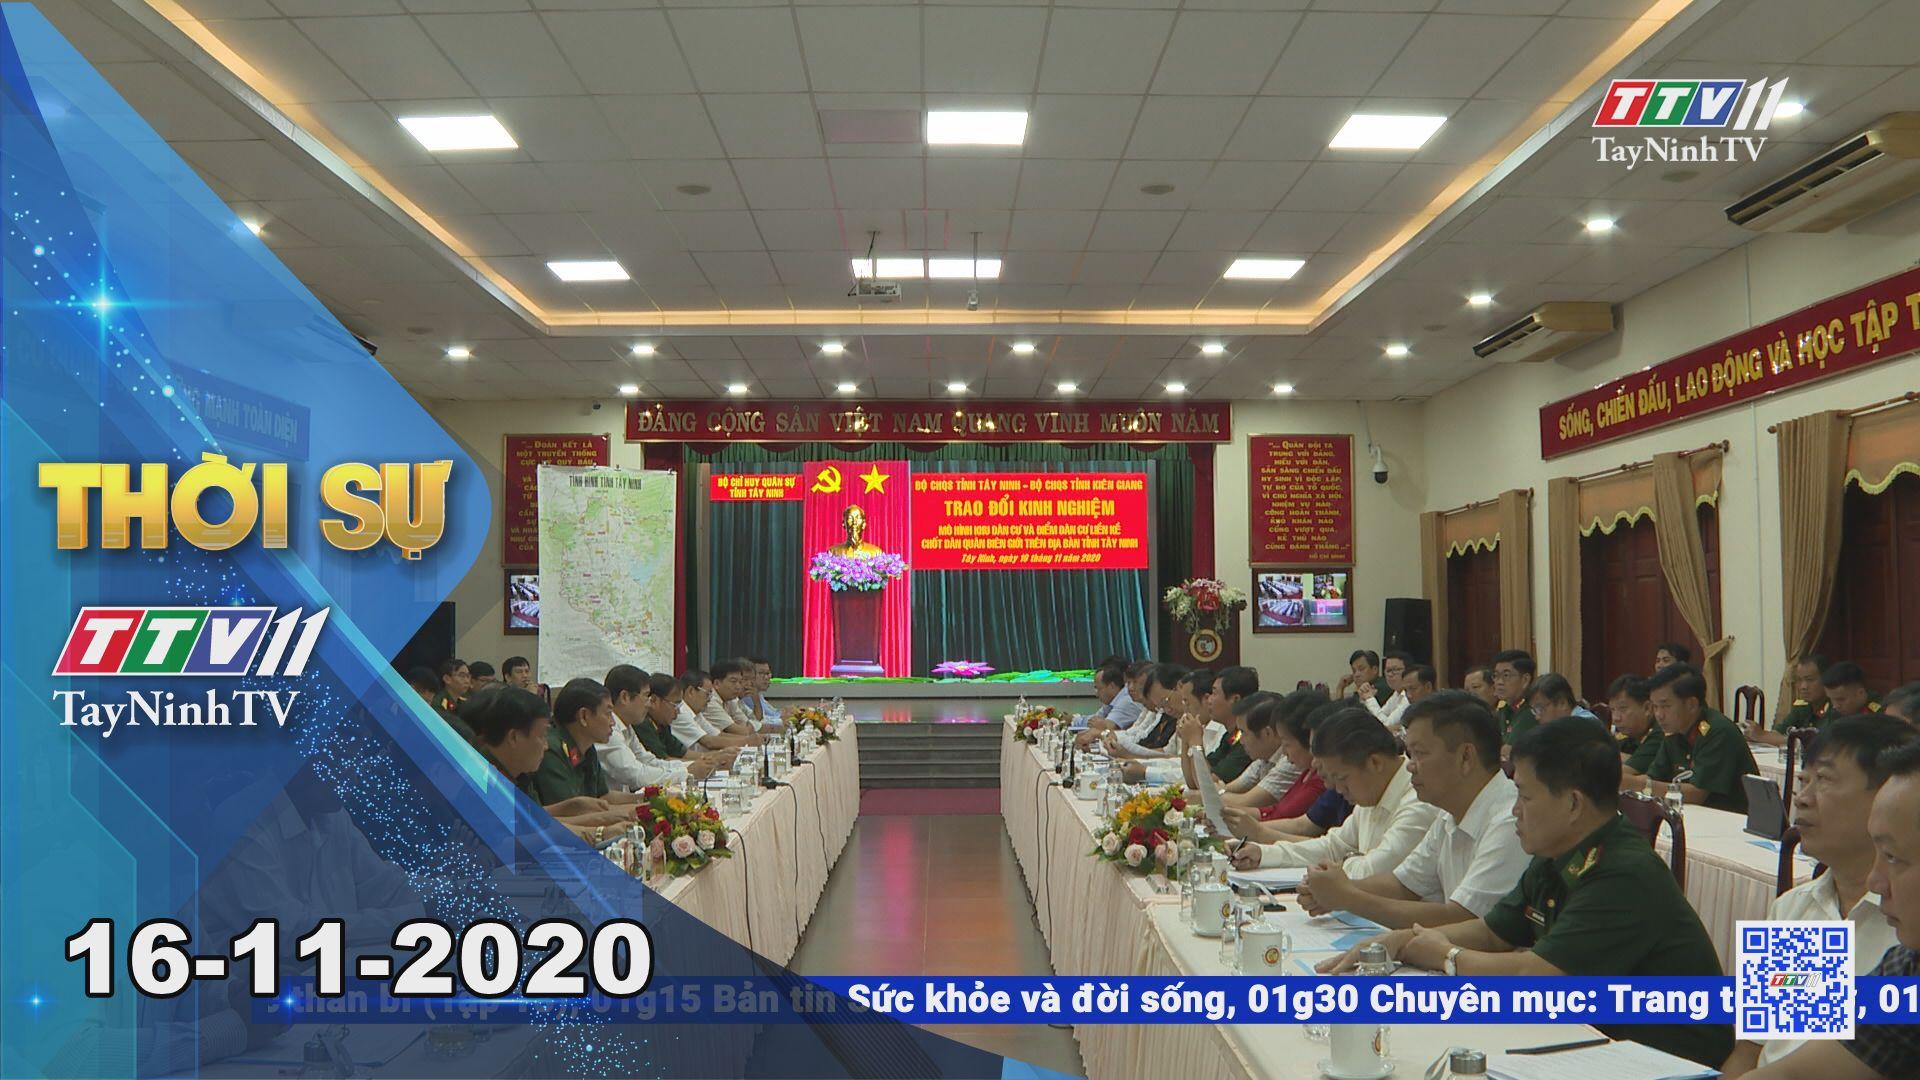 Thời sự Tây Ninh 16-11-2020 | Tin tức hôm nay | TayNinhTV